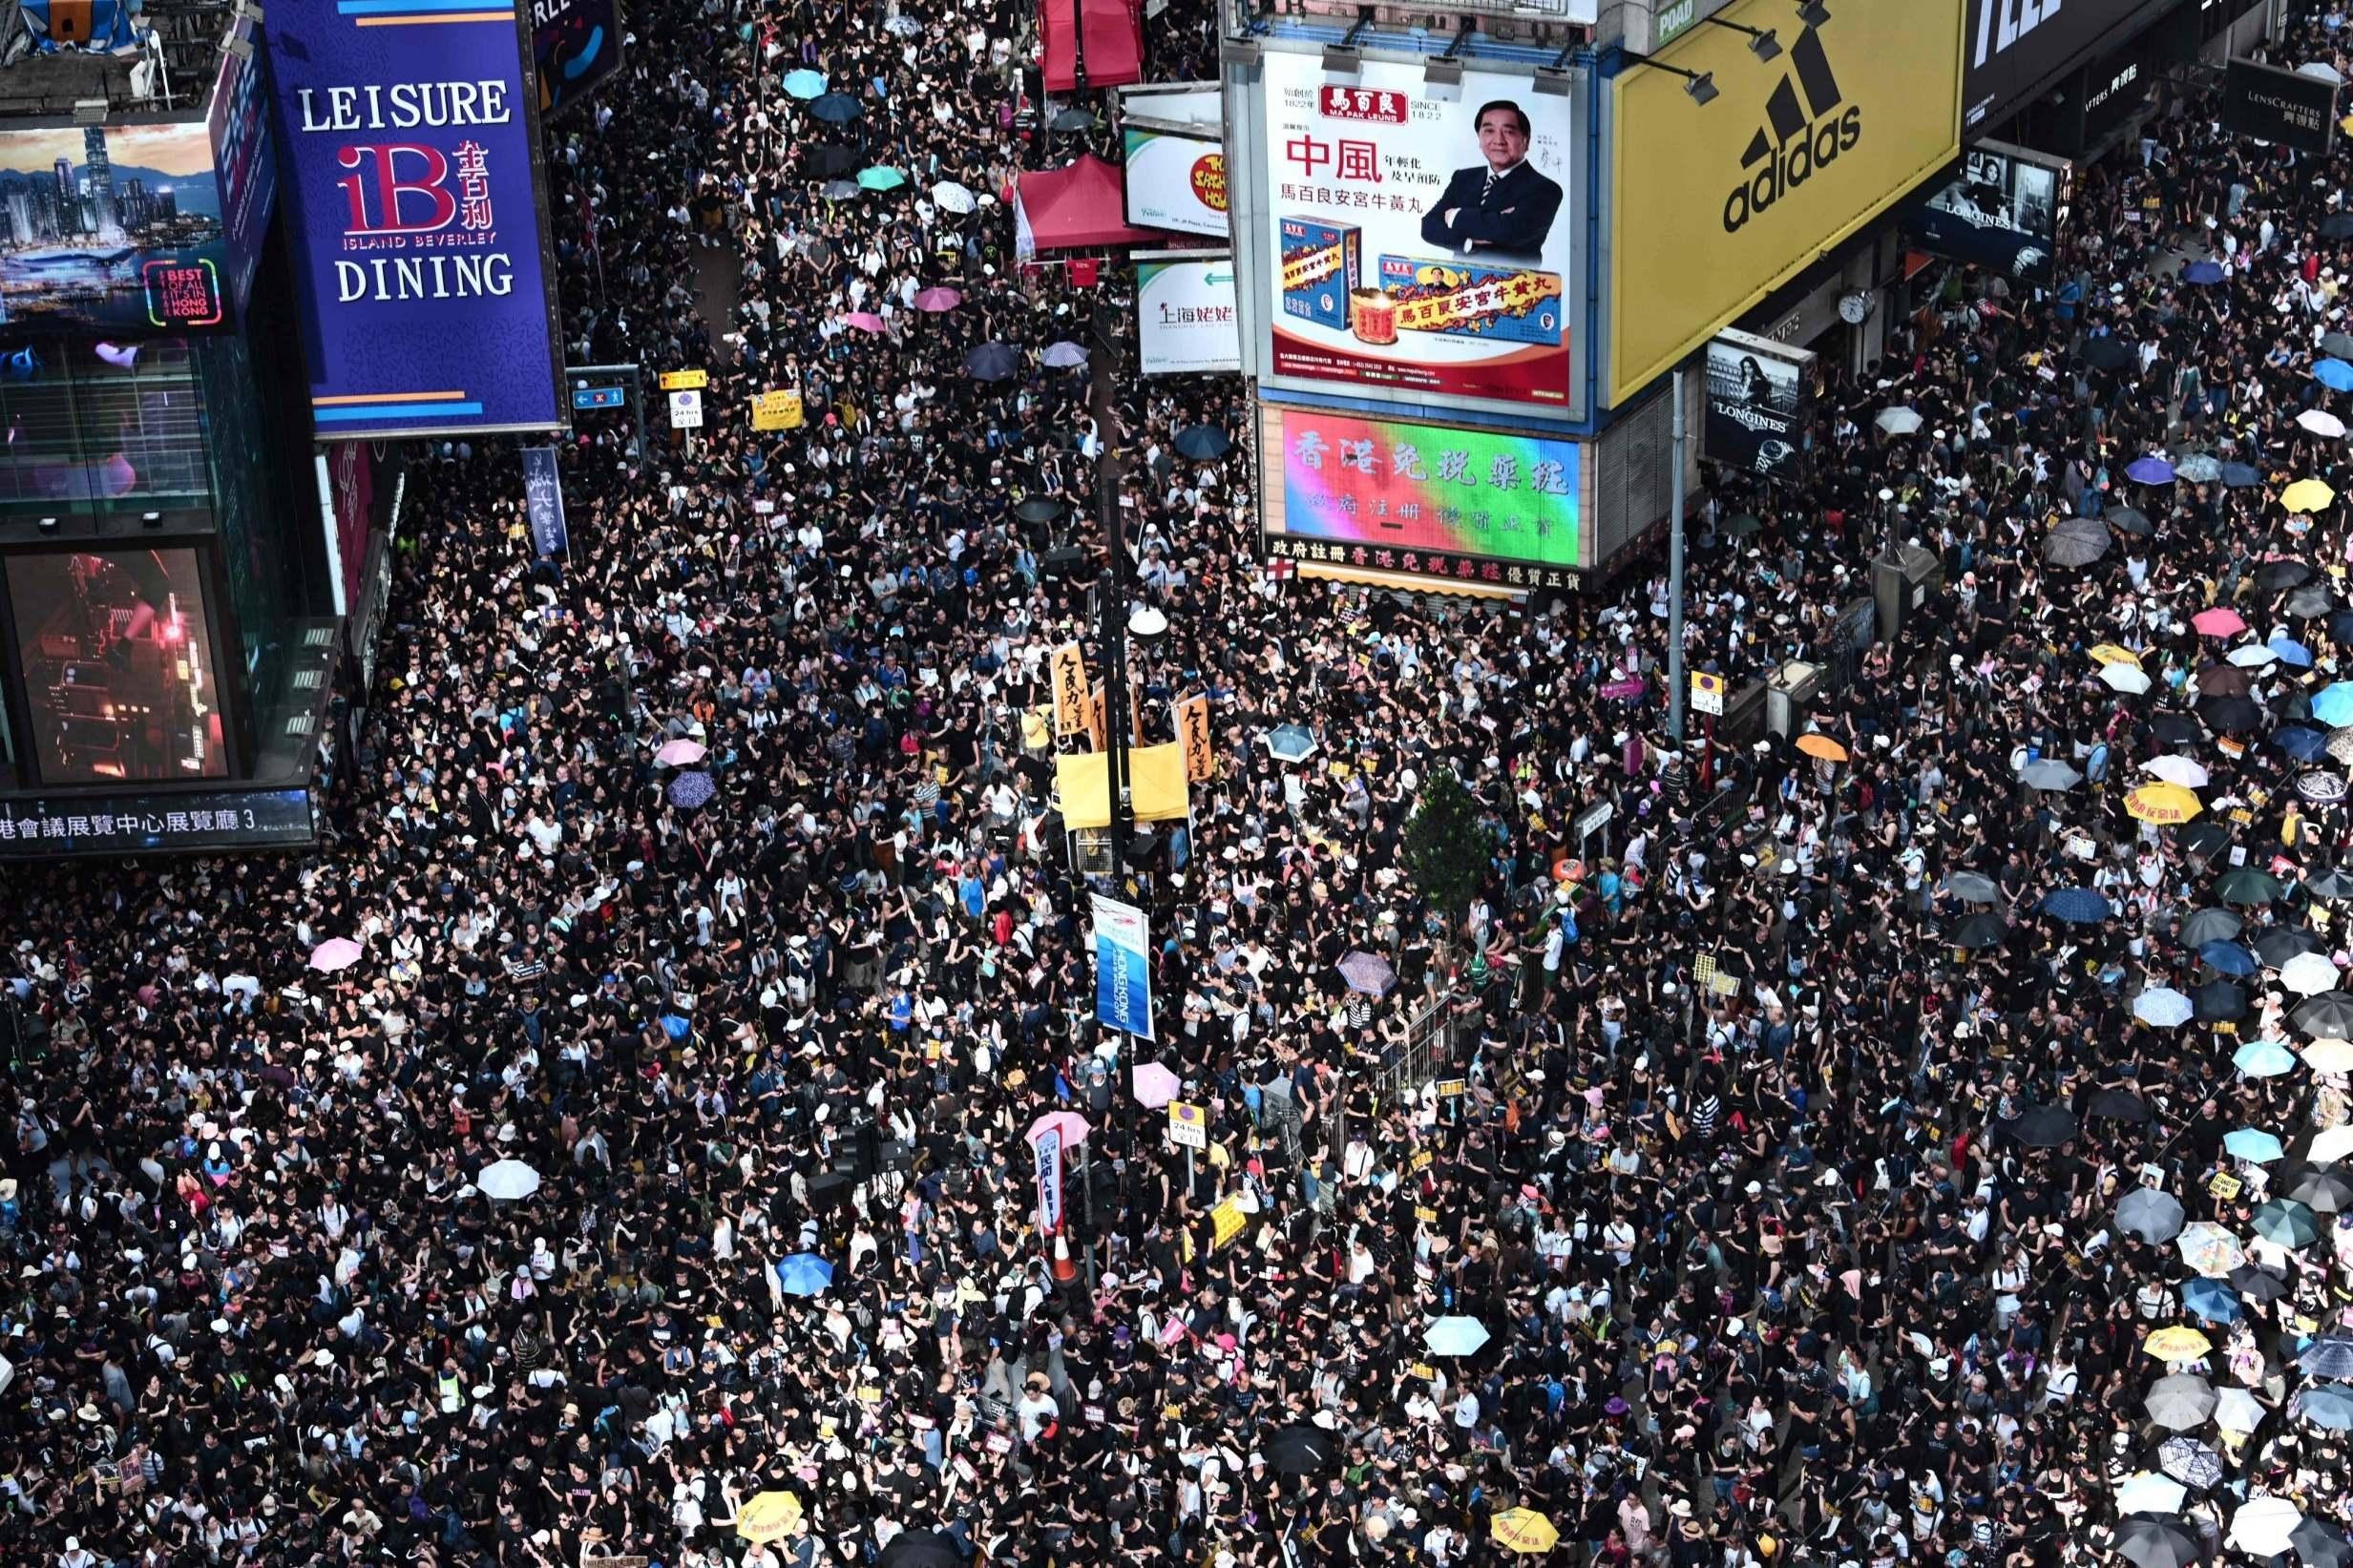 خۆپیشاندەرانی هۆنگ کۆنگ چییان دەوێت و حکومەت چی دەڵێت؟